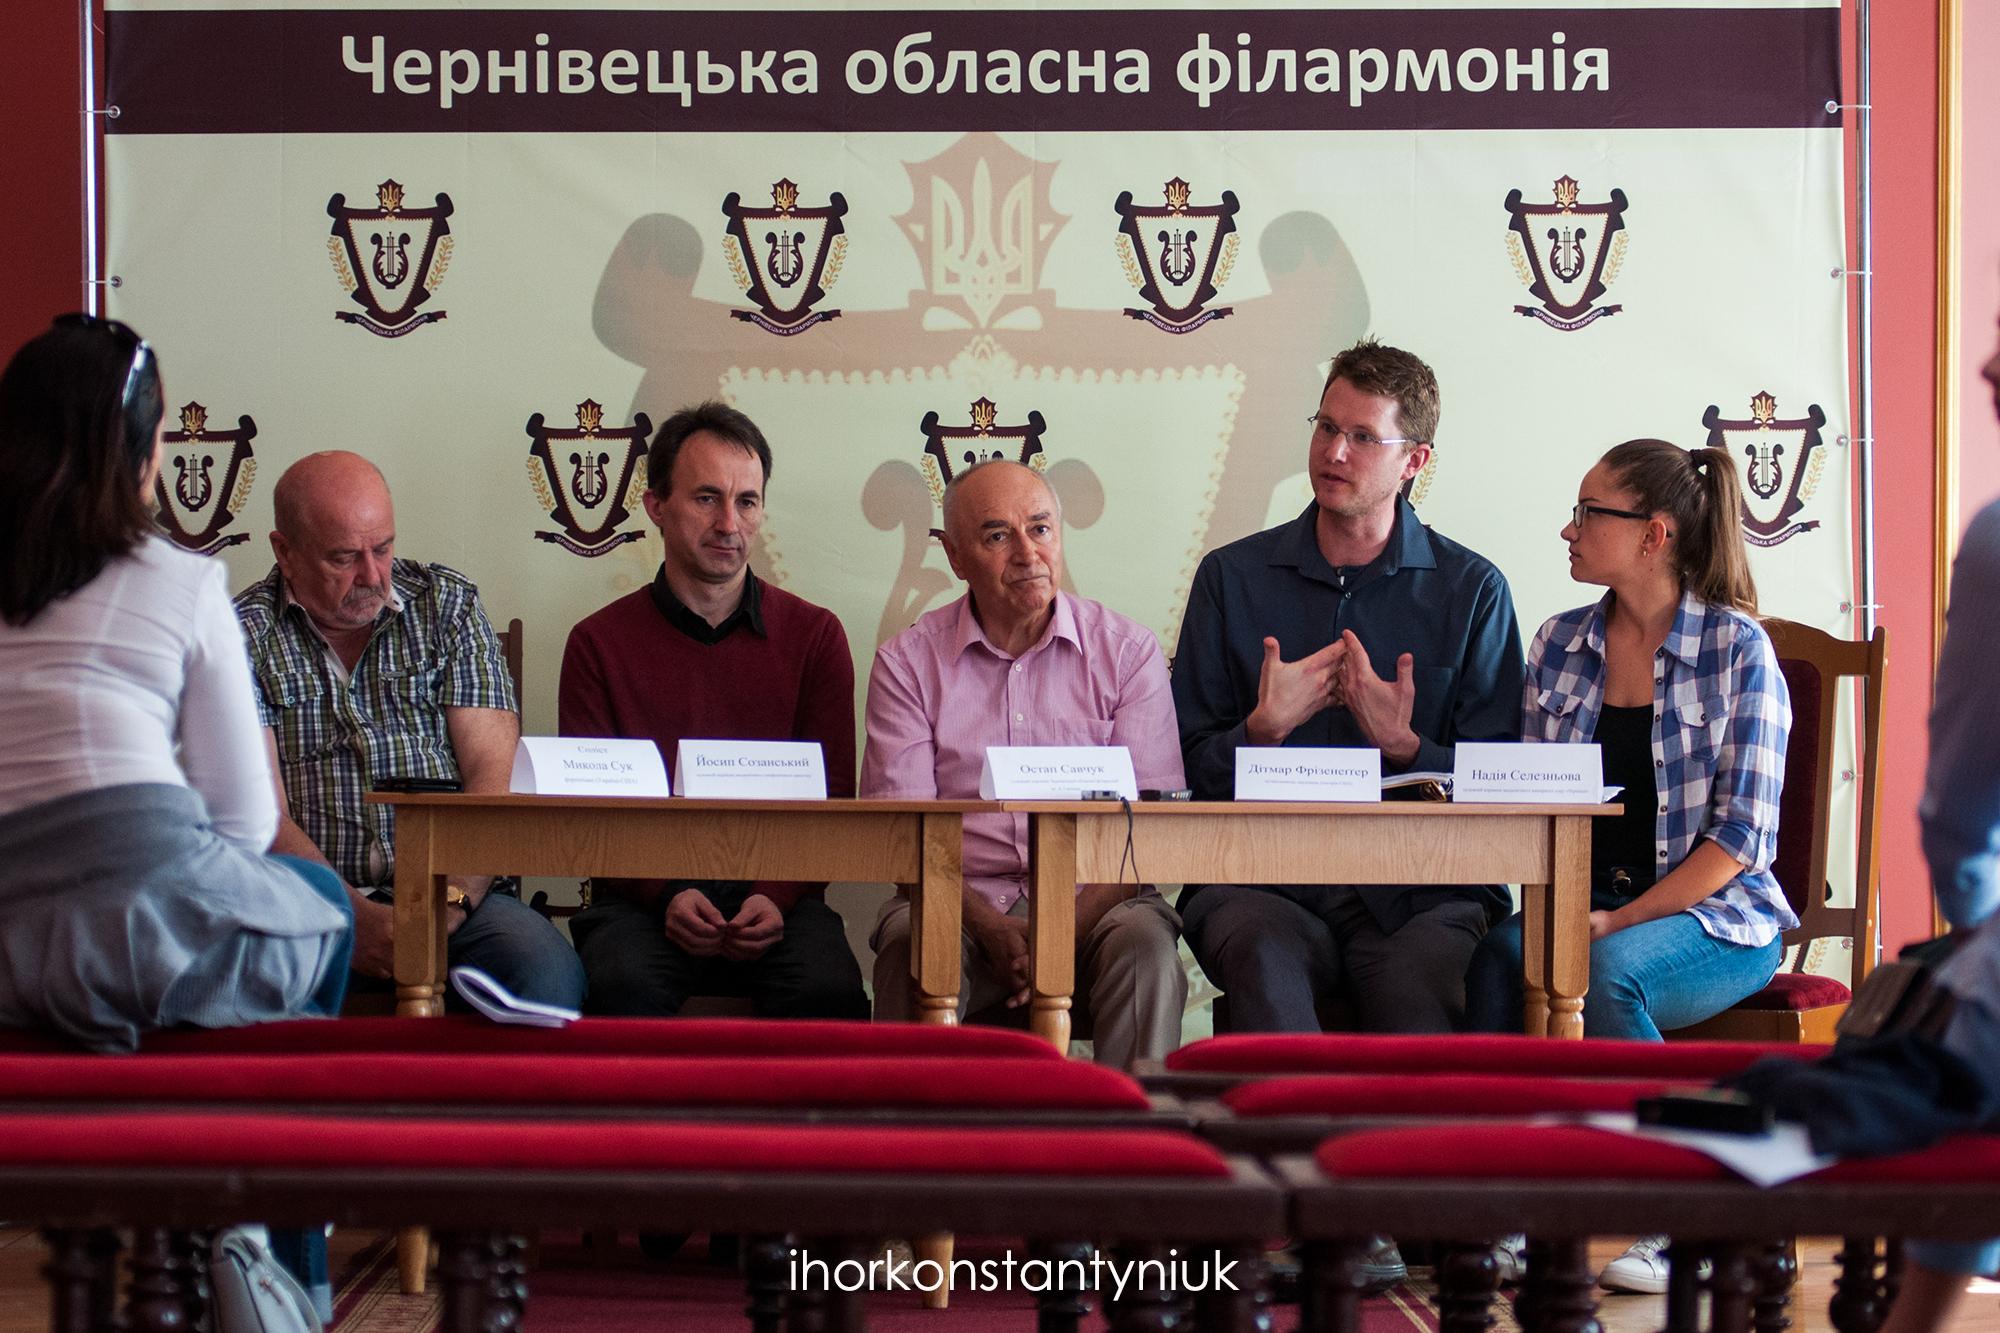 Dietmar Friesenegger presents at a panel